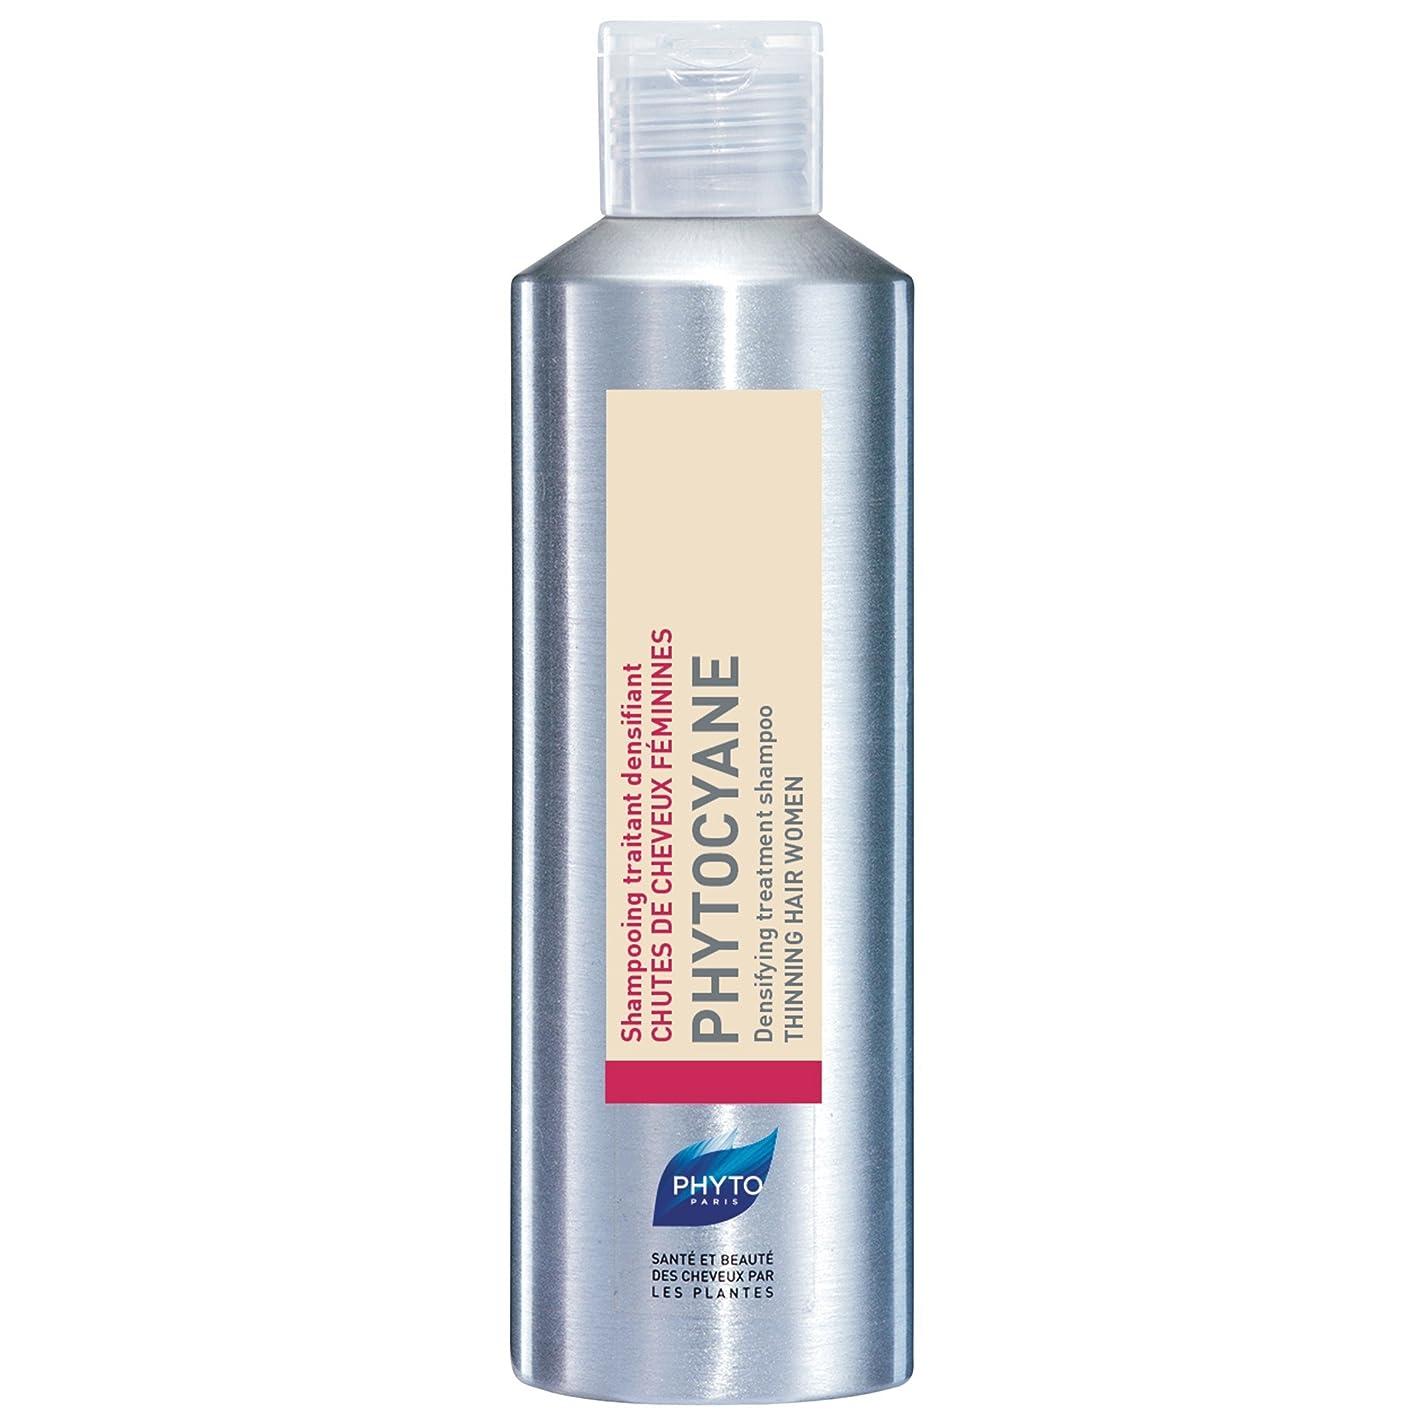 キャメル症候群うぬぼれ髪の200ミリリットルを薄くするための予防のためのシャンプーを緻密化フィトPhytocyane (Phyto) (x6) - Phyto Phytocyane Densifying Treatment Shampoo for Thinning Hair 200ml (Pack of 6) [並行輸入品]